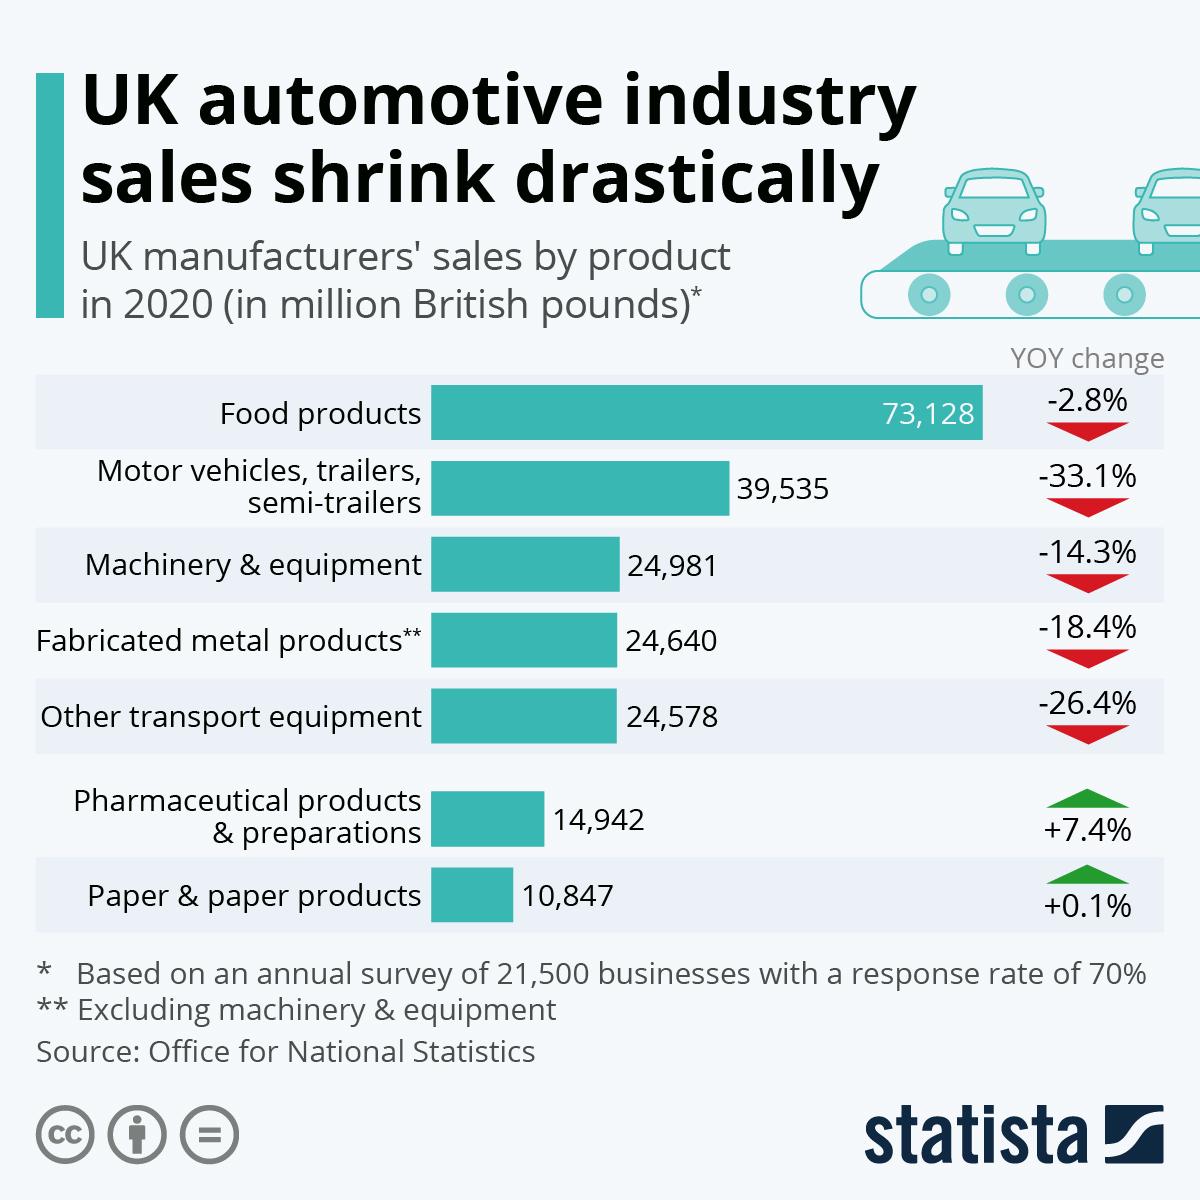 UK automotive industry sales shrink drastically